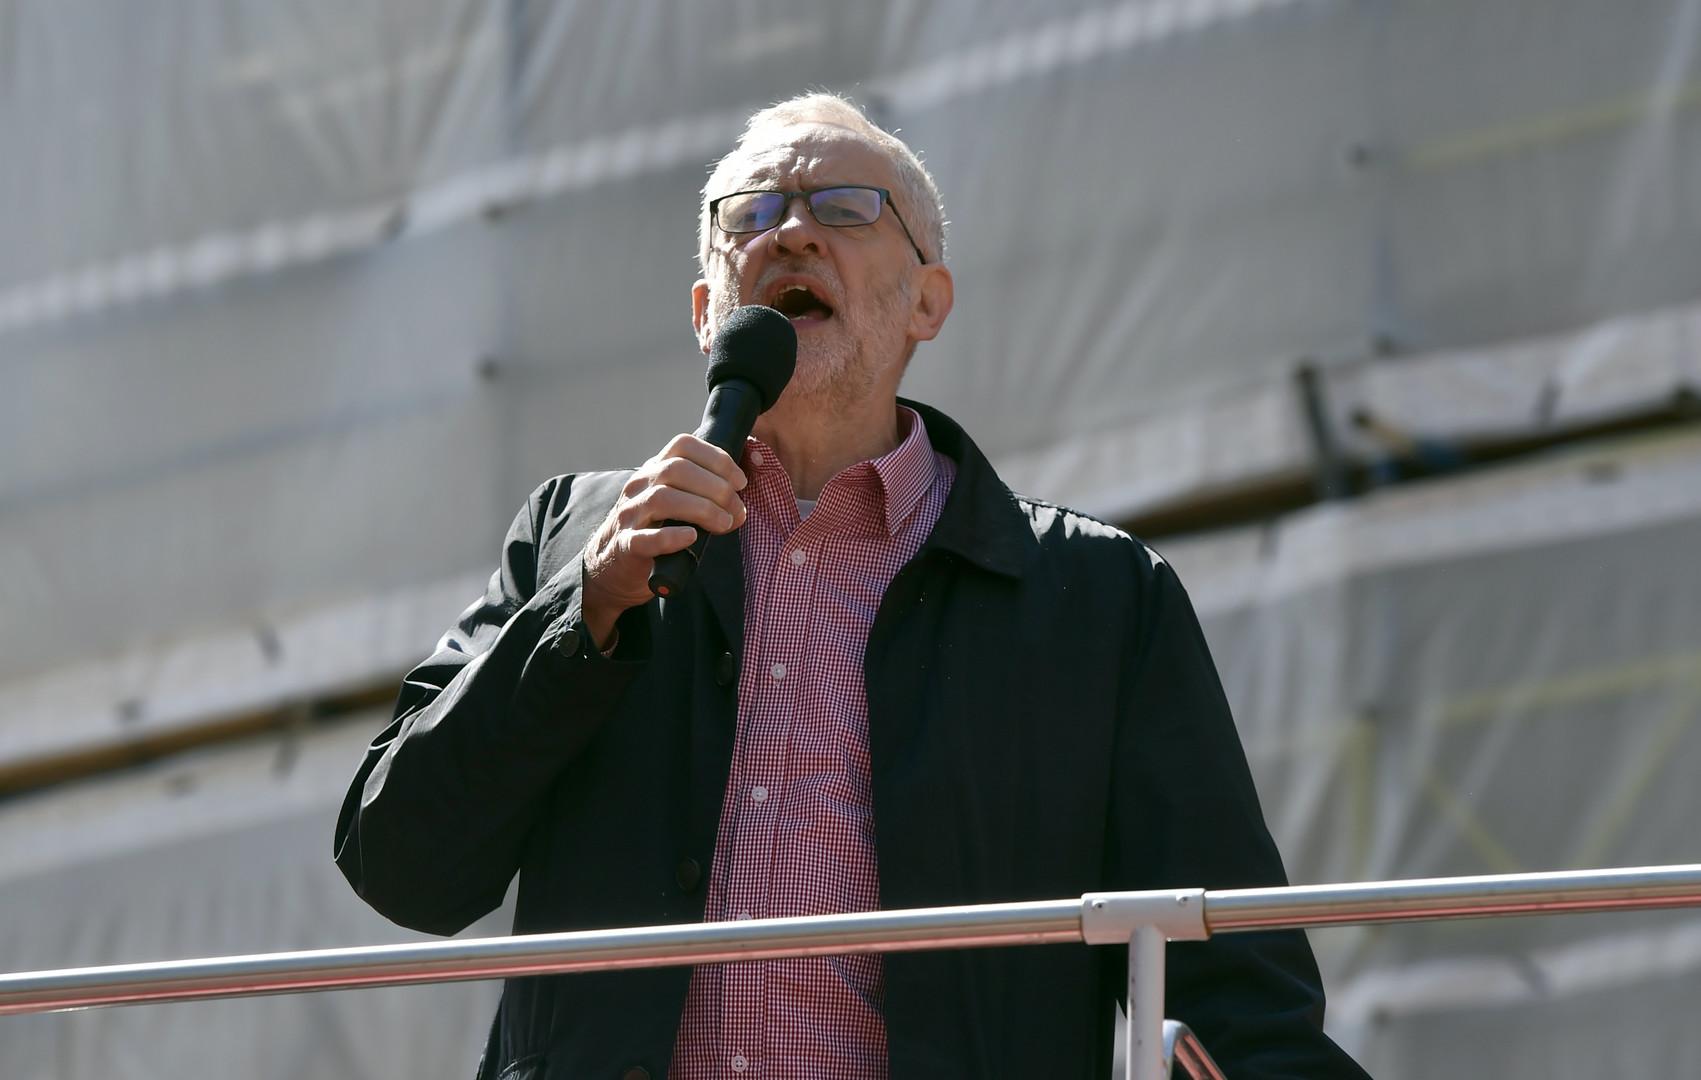 Der Führer der britischen Arbeiterpartei Jeremy Corbyn spricht in London, Großbritannien.